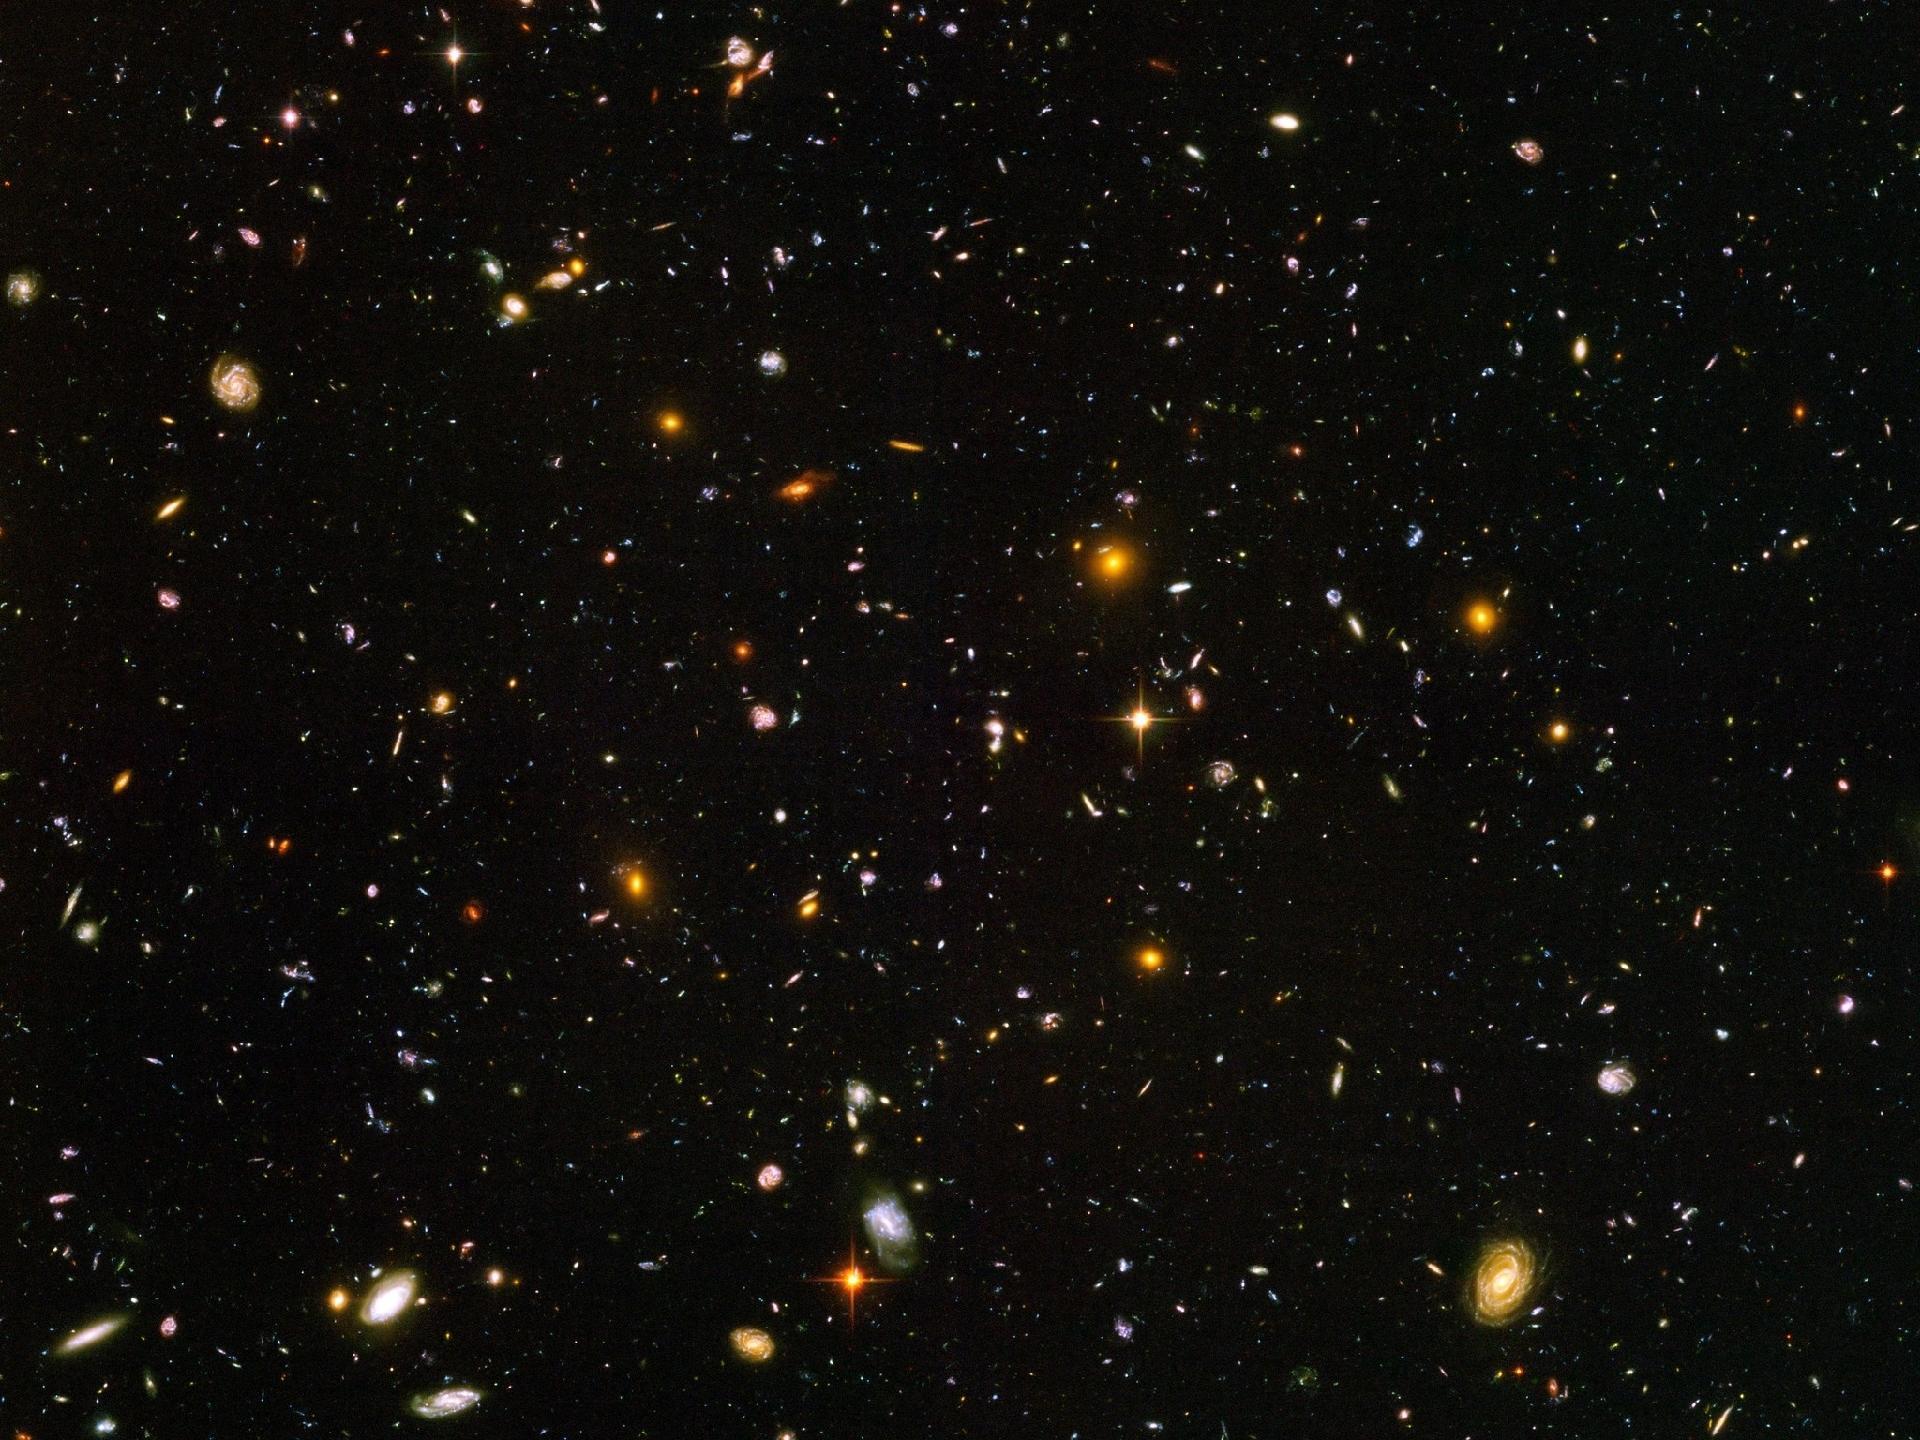 Divulgação/NASA, ESA, S. Beckwith e HU